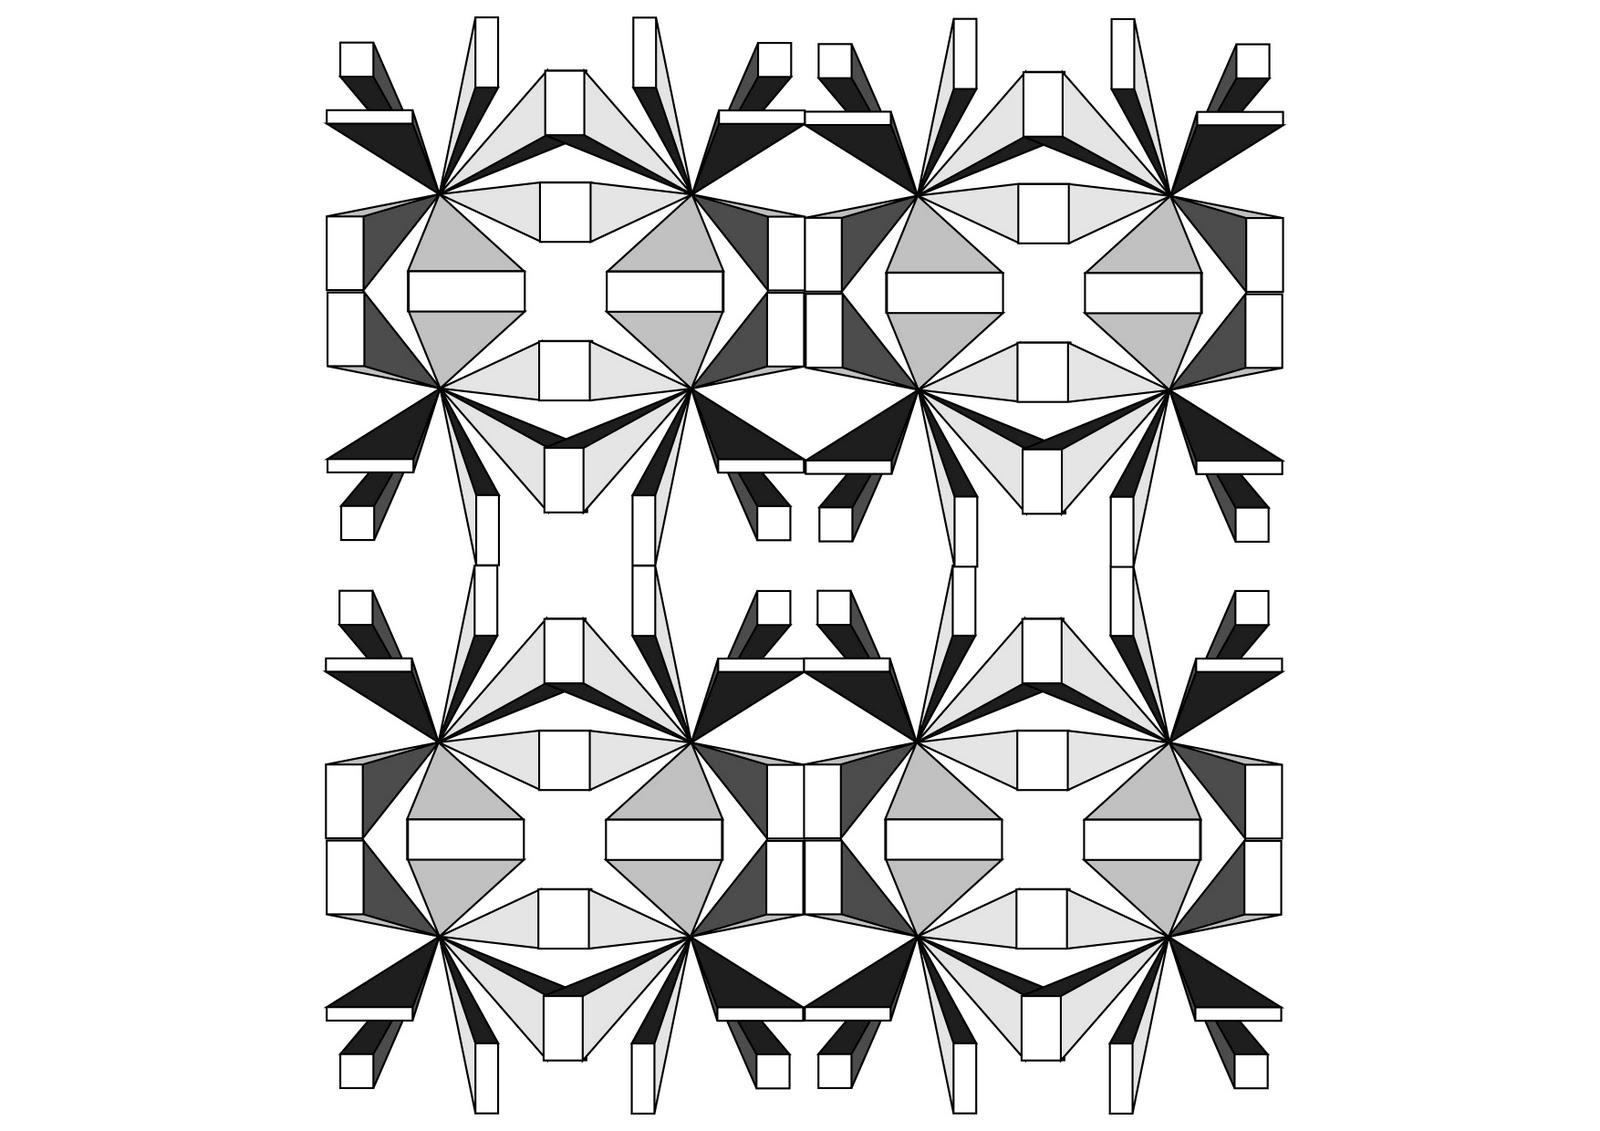 digital design and visualisation patterns from design styles. Black Bedroom Furniture Sets. Home Design Ideas